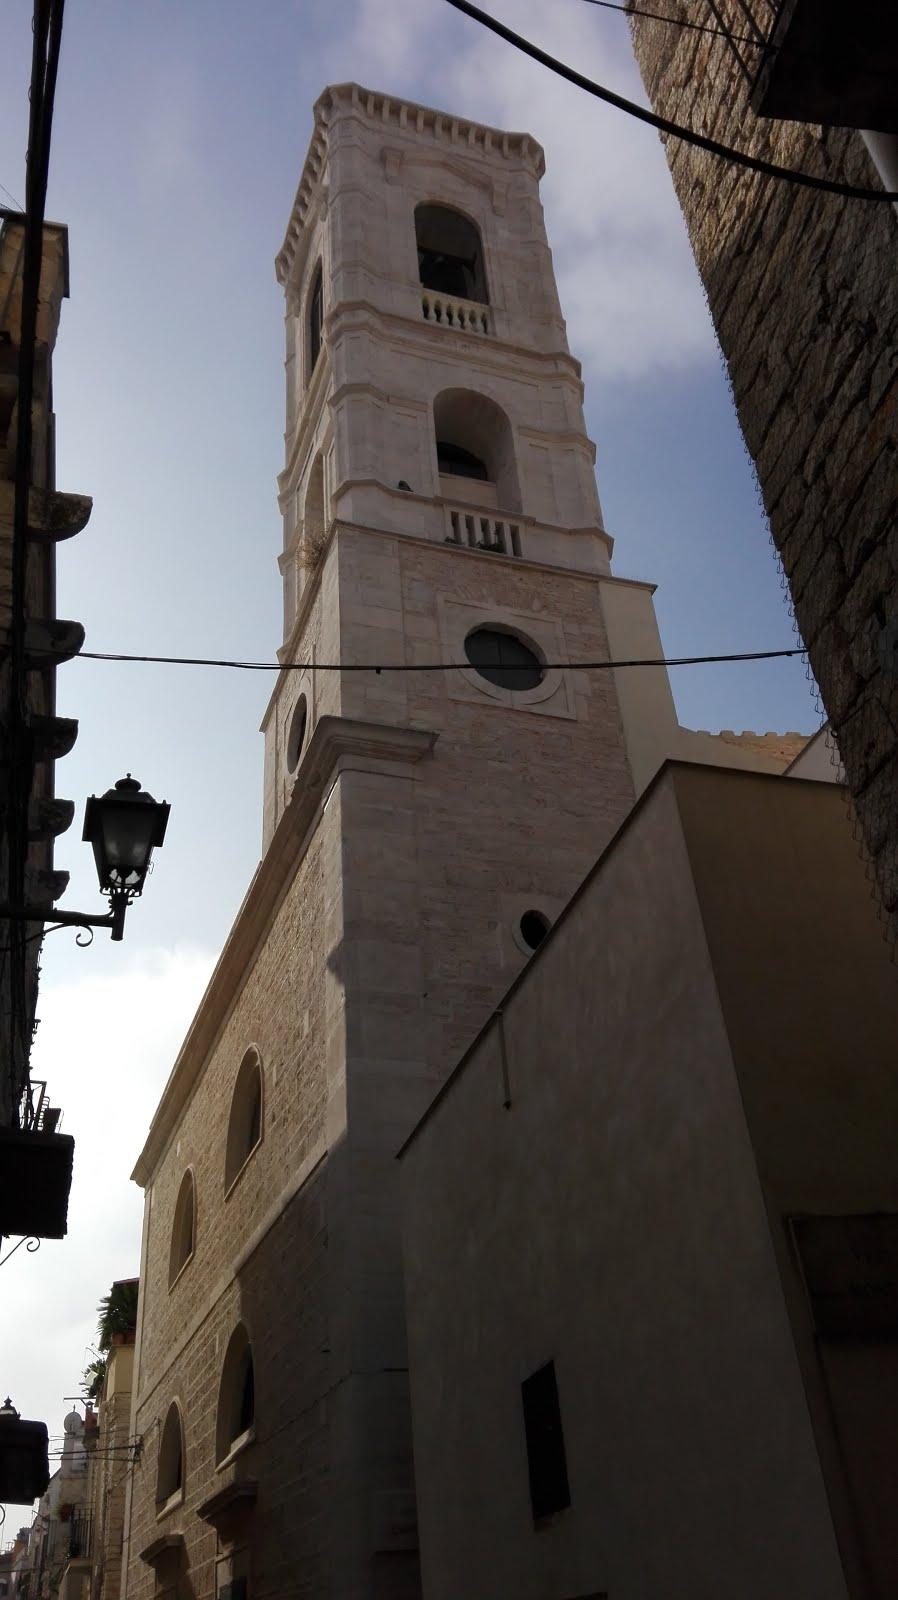 campanile della chiesa del carmine